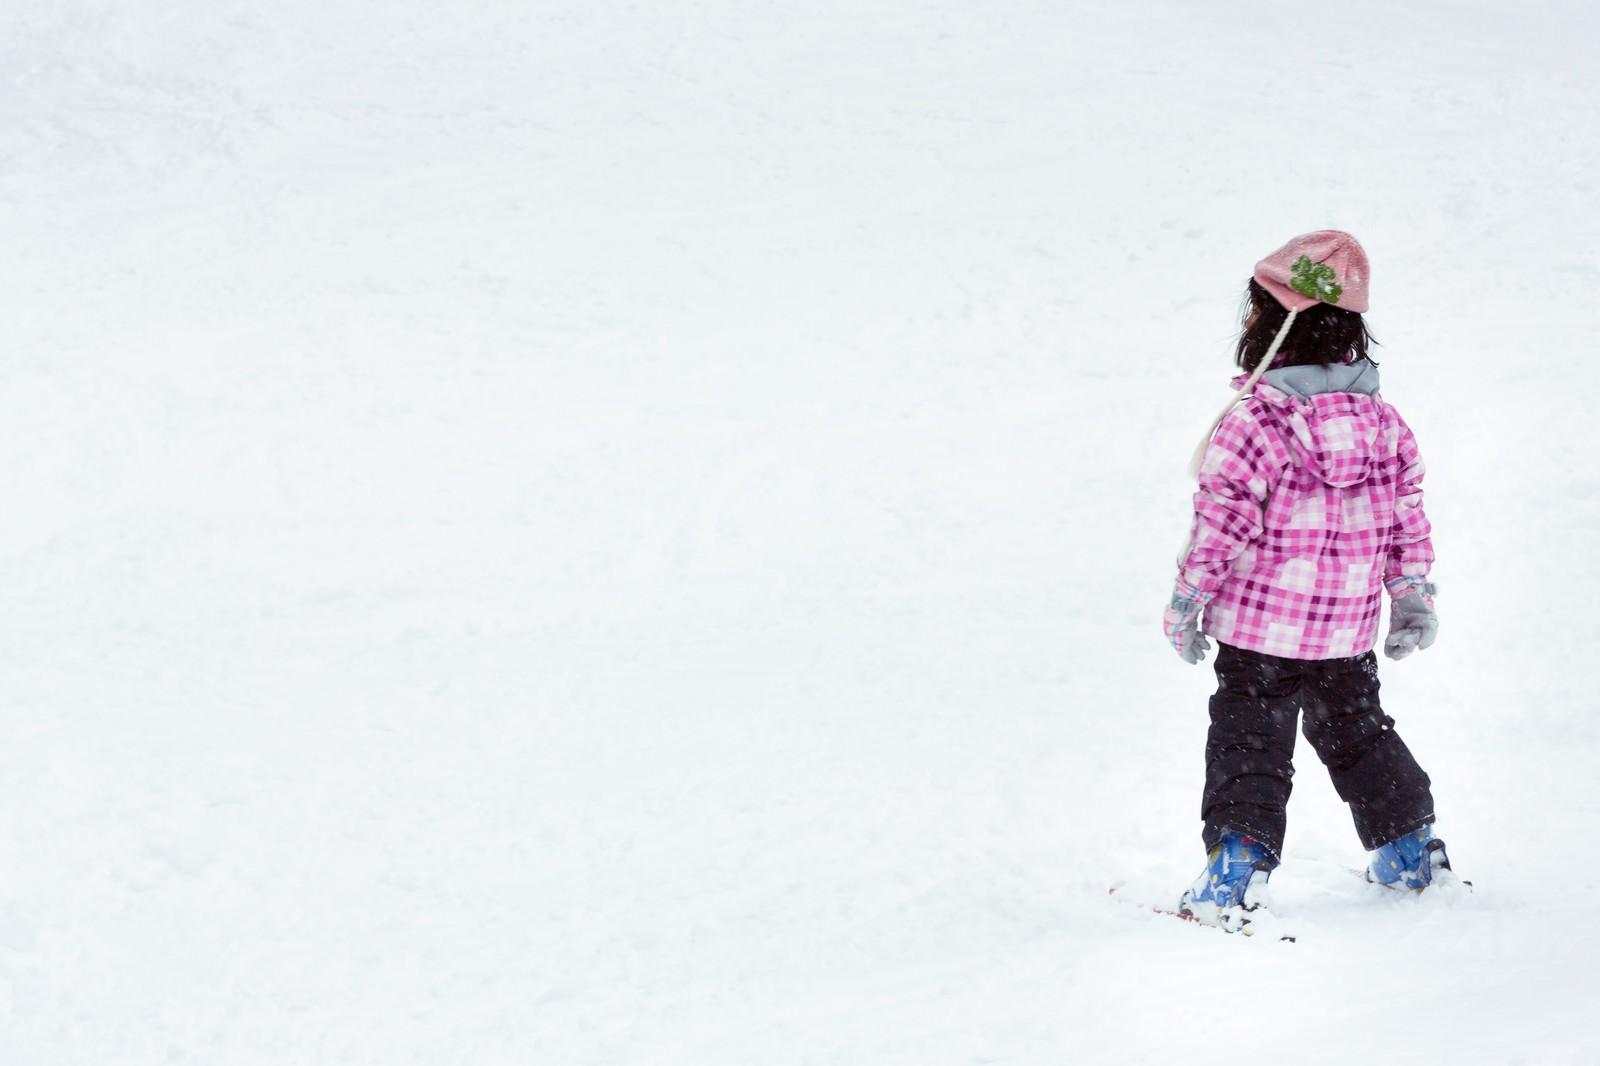 「スキーを楽しむ子供スキーを楽しむ子供」のフリー写真素材を拡大